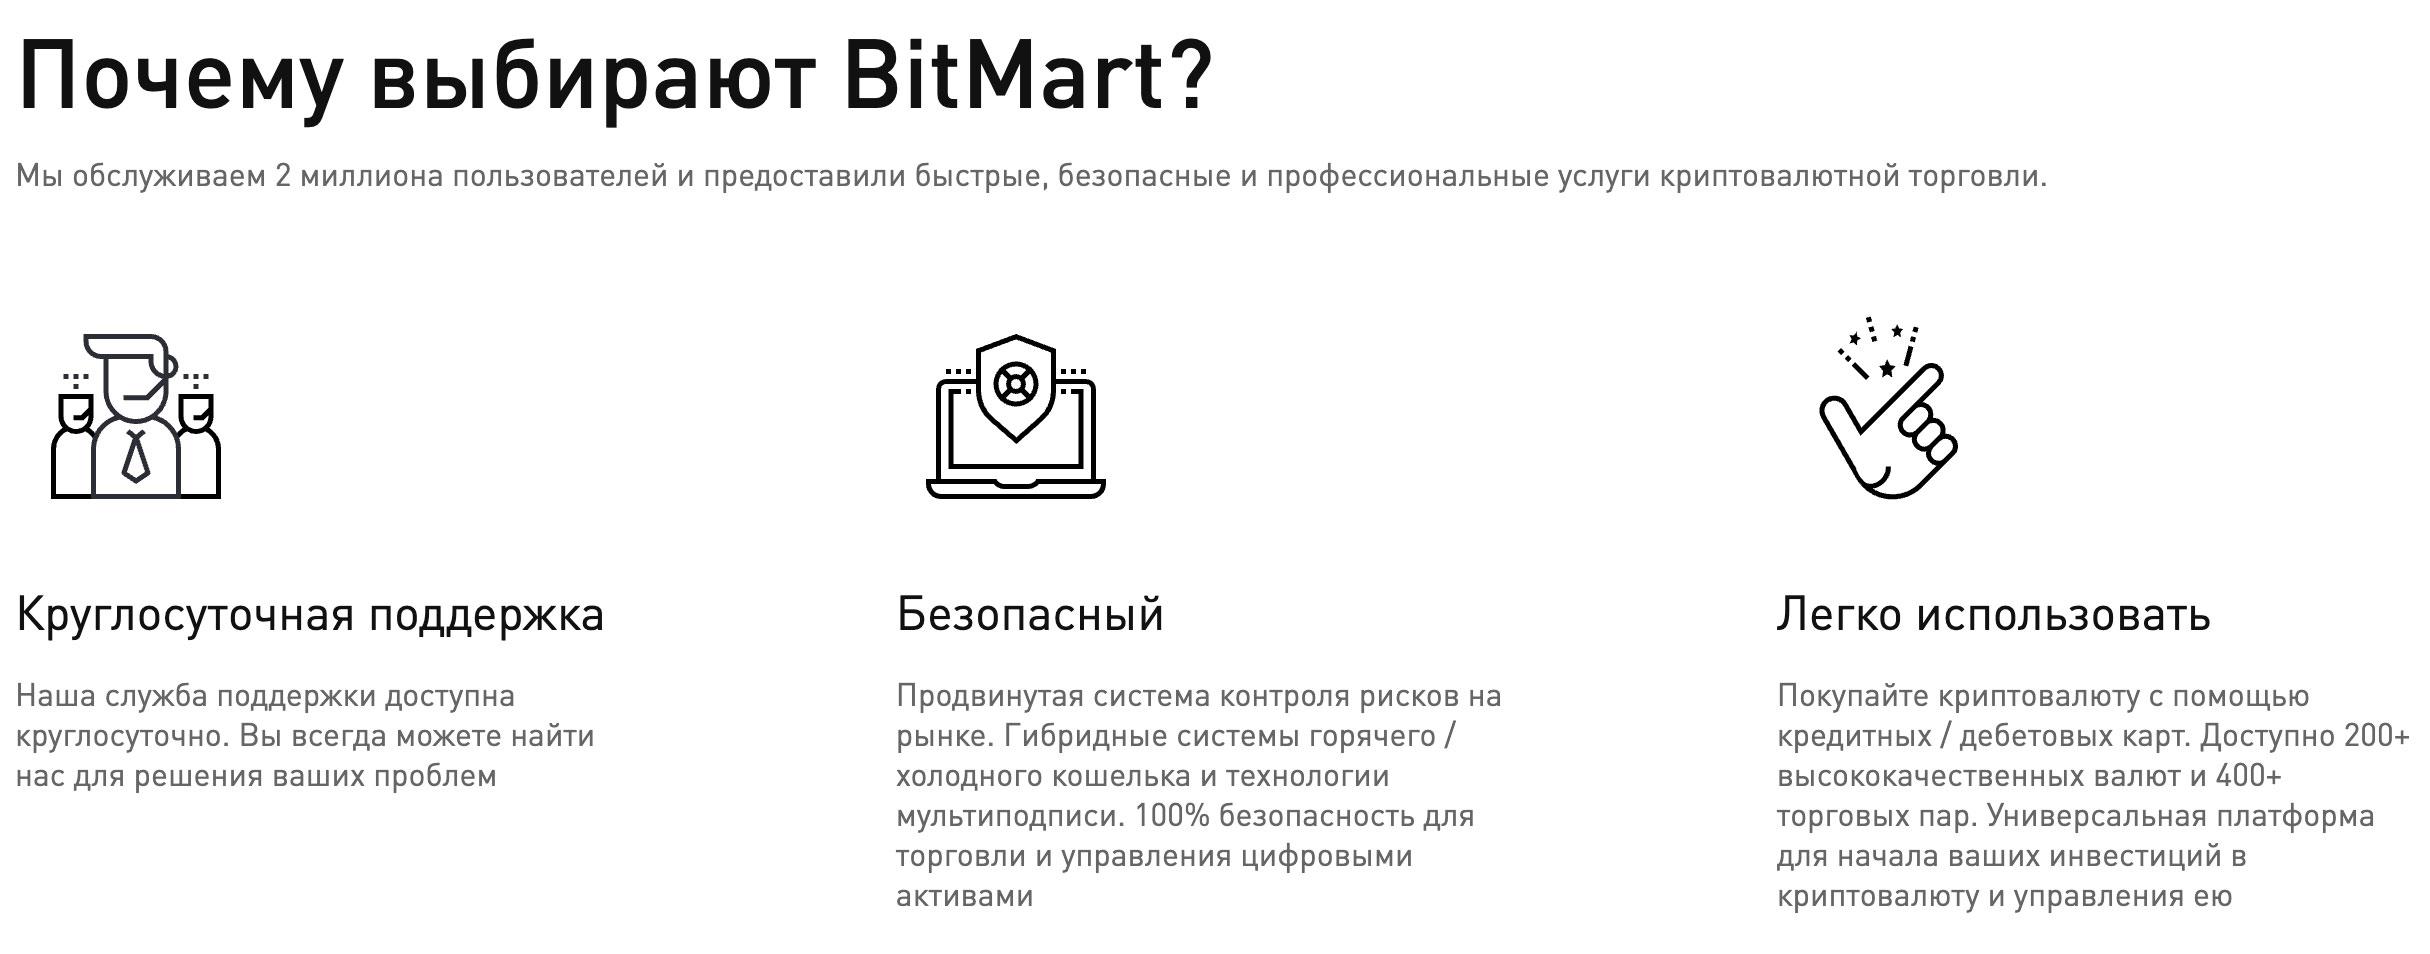 bitmart криптовалютная биржа